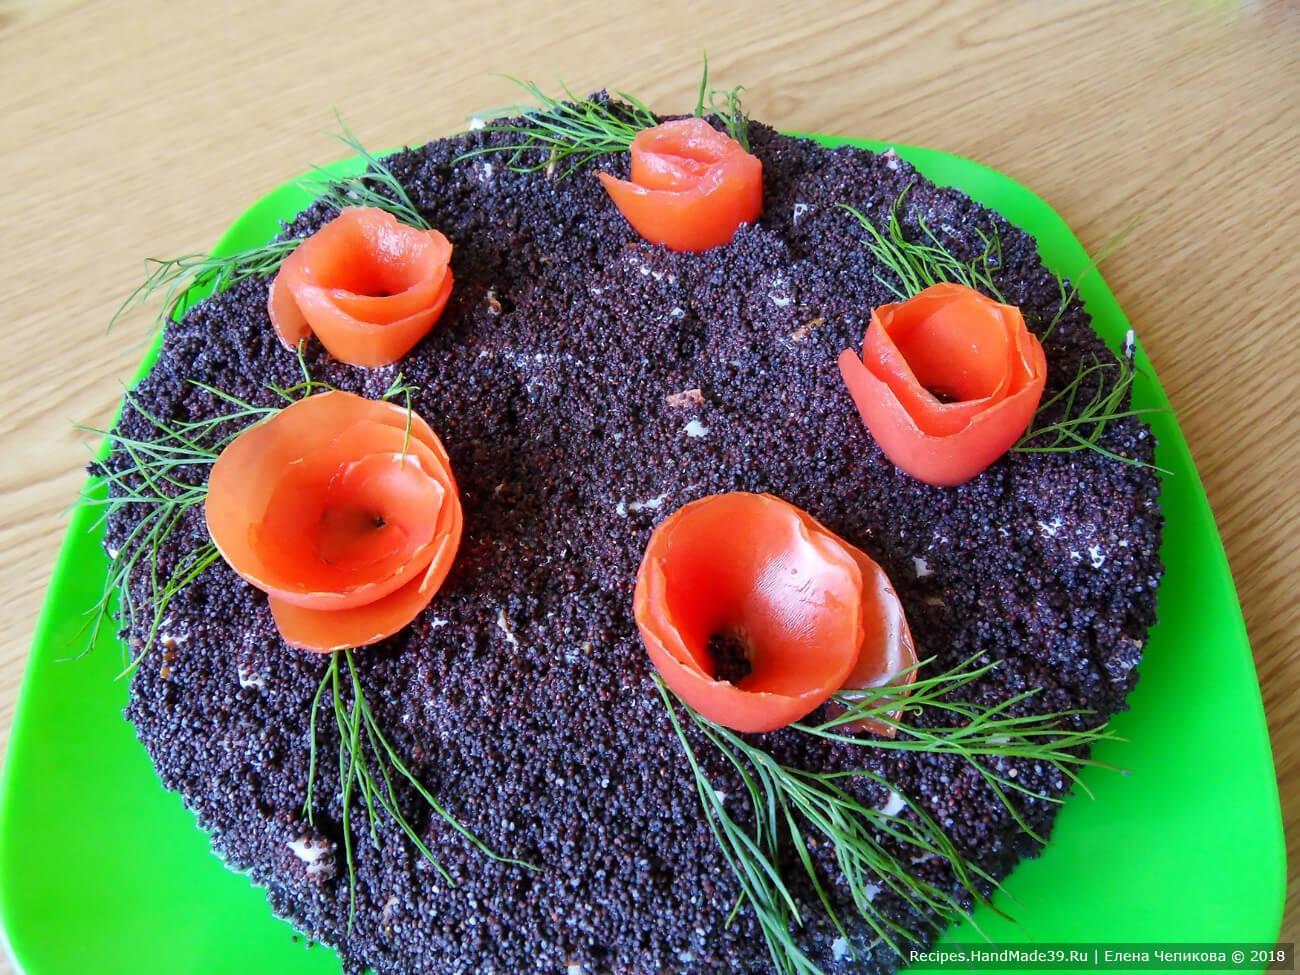 Многослойный салат «Маковое поле» с карбонадом, сухариками и помидорами – пошаговый рецепт с фото